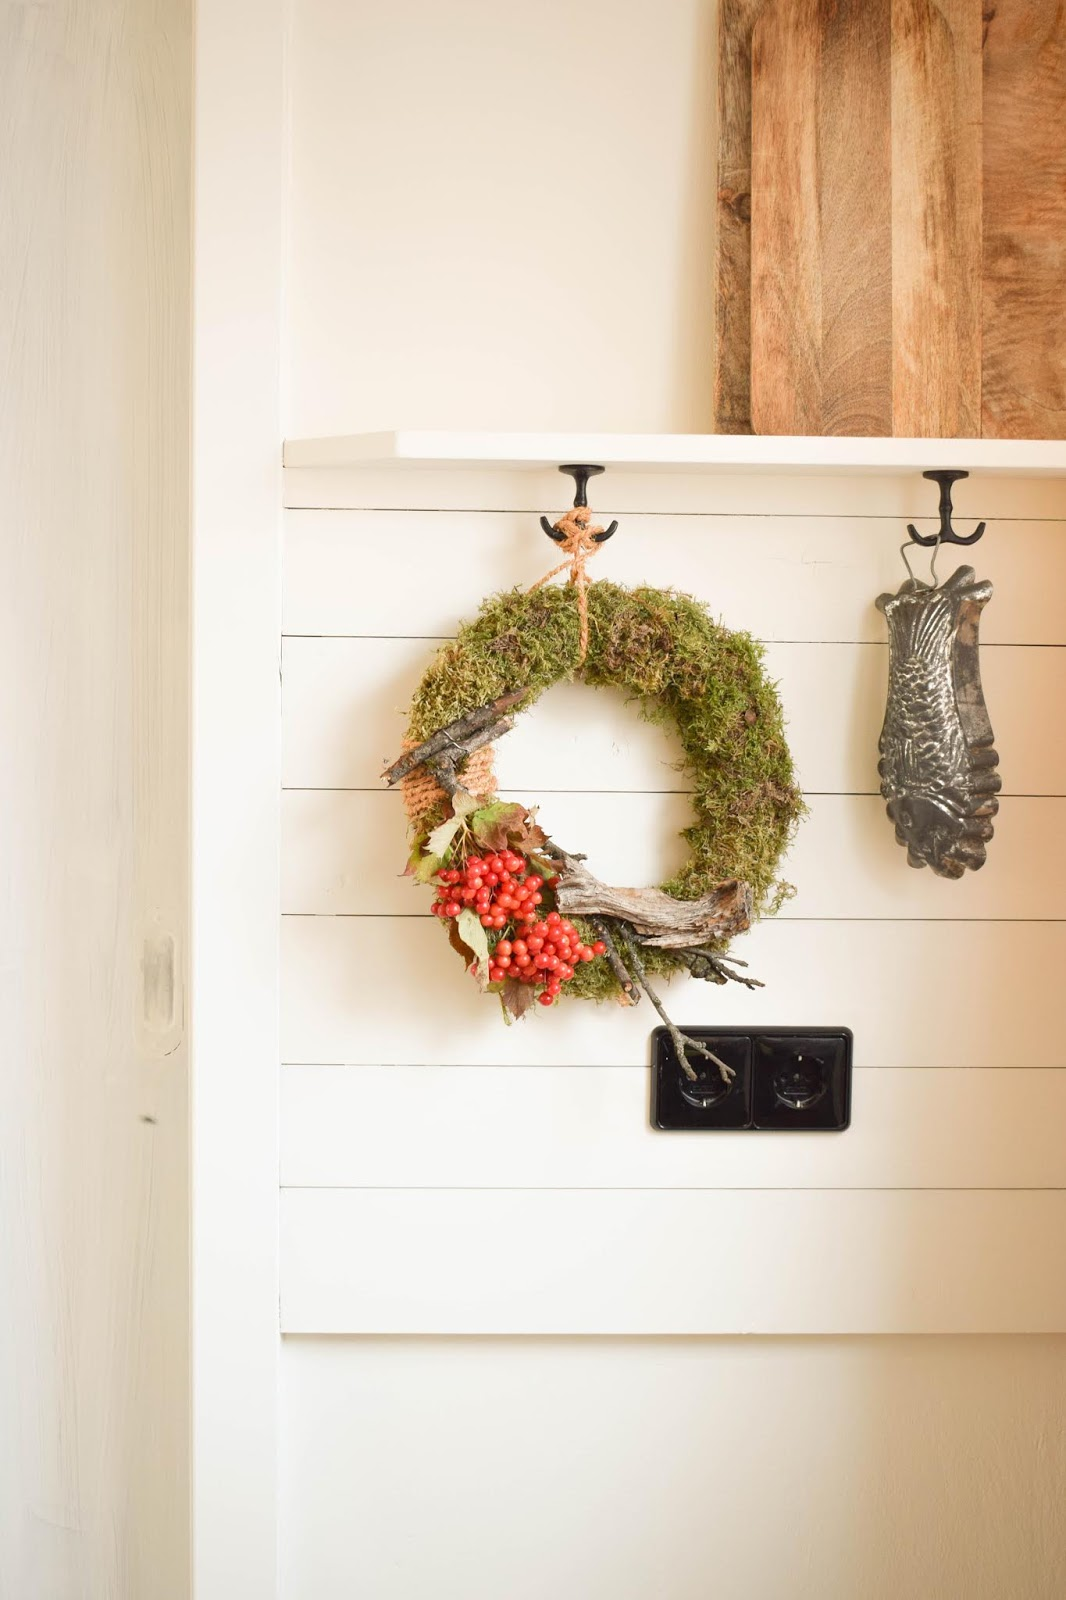 DIY Mooskranz einfach selber machen mit Moos Beeren Holz und Sisal. Naturdeko Anleitung zum Kranz binden. Dekorieren mit Natur. Deko Küche herbstdeko